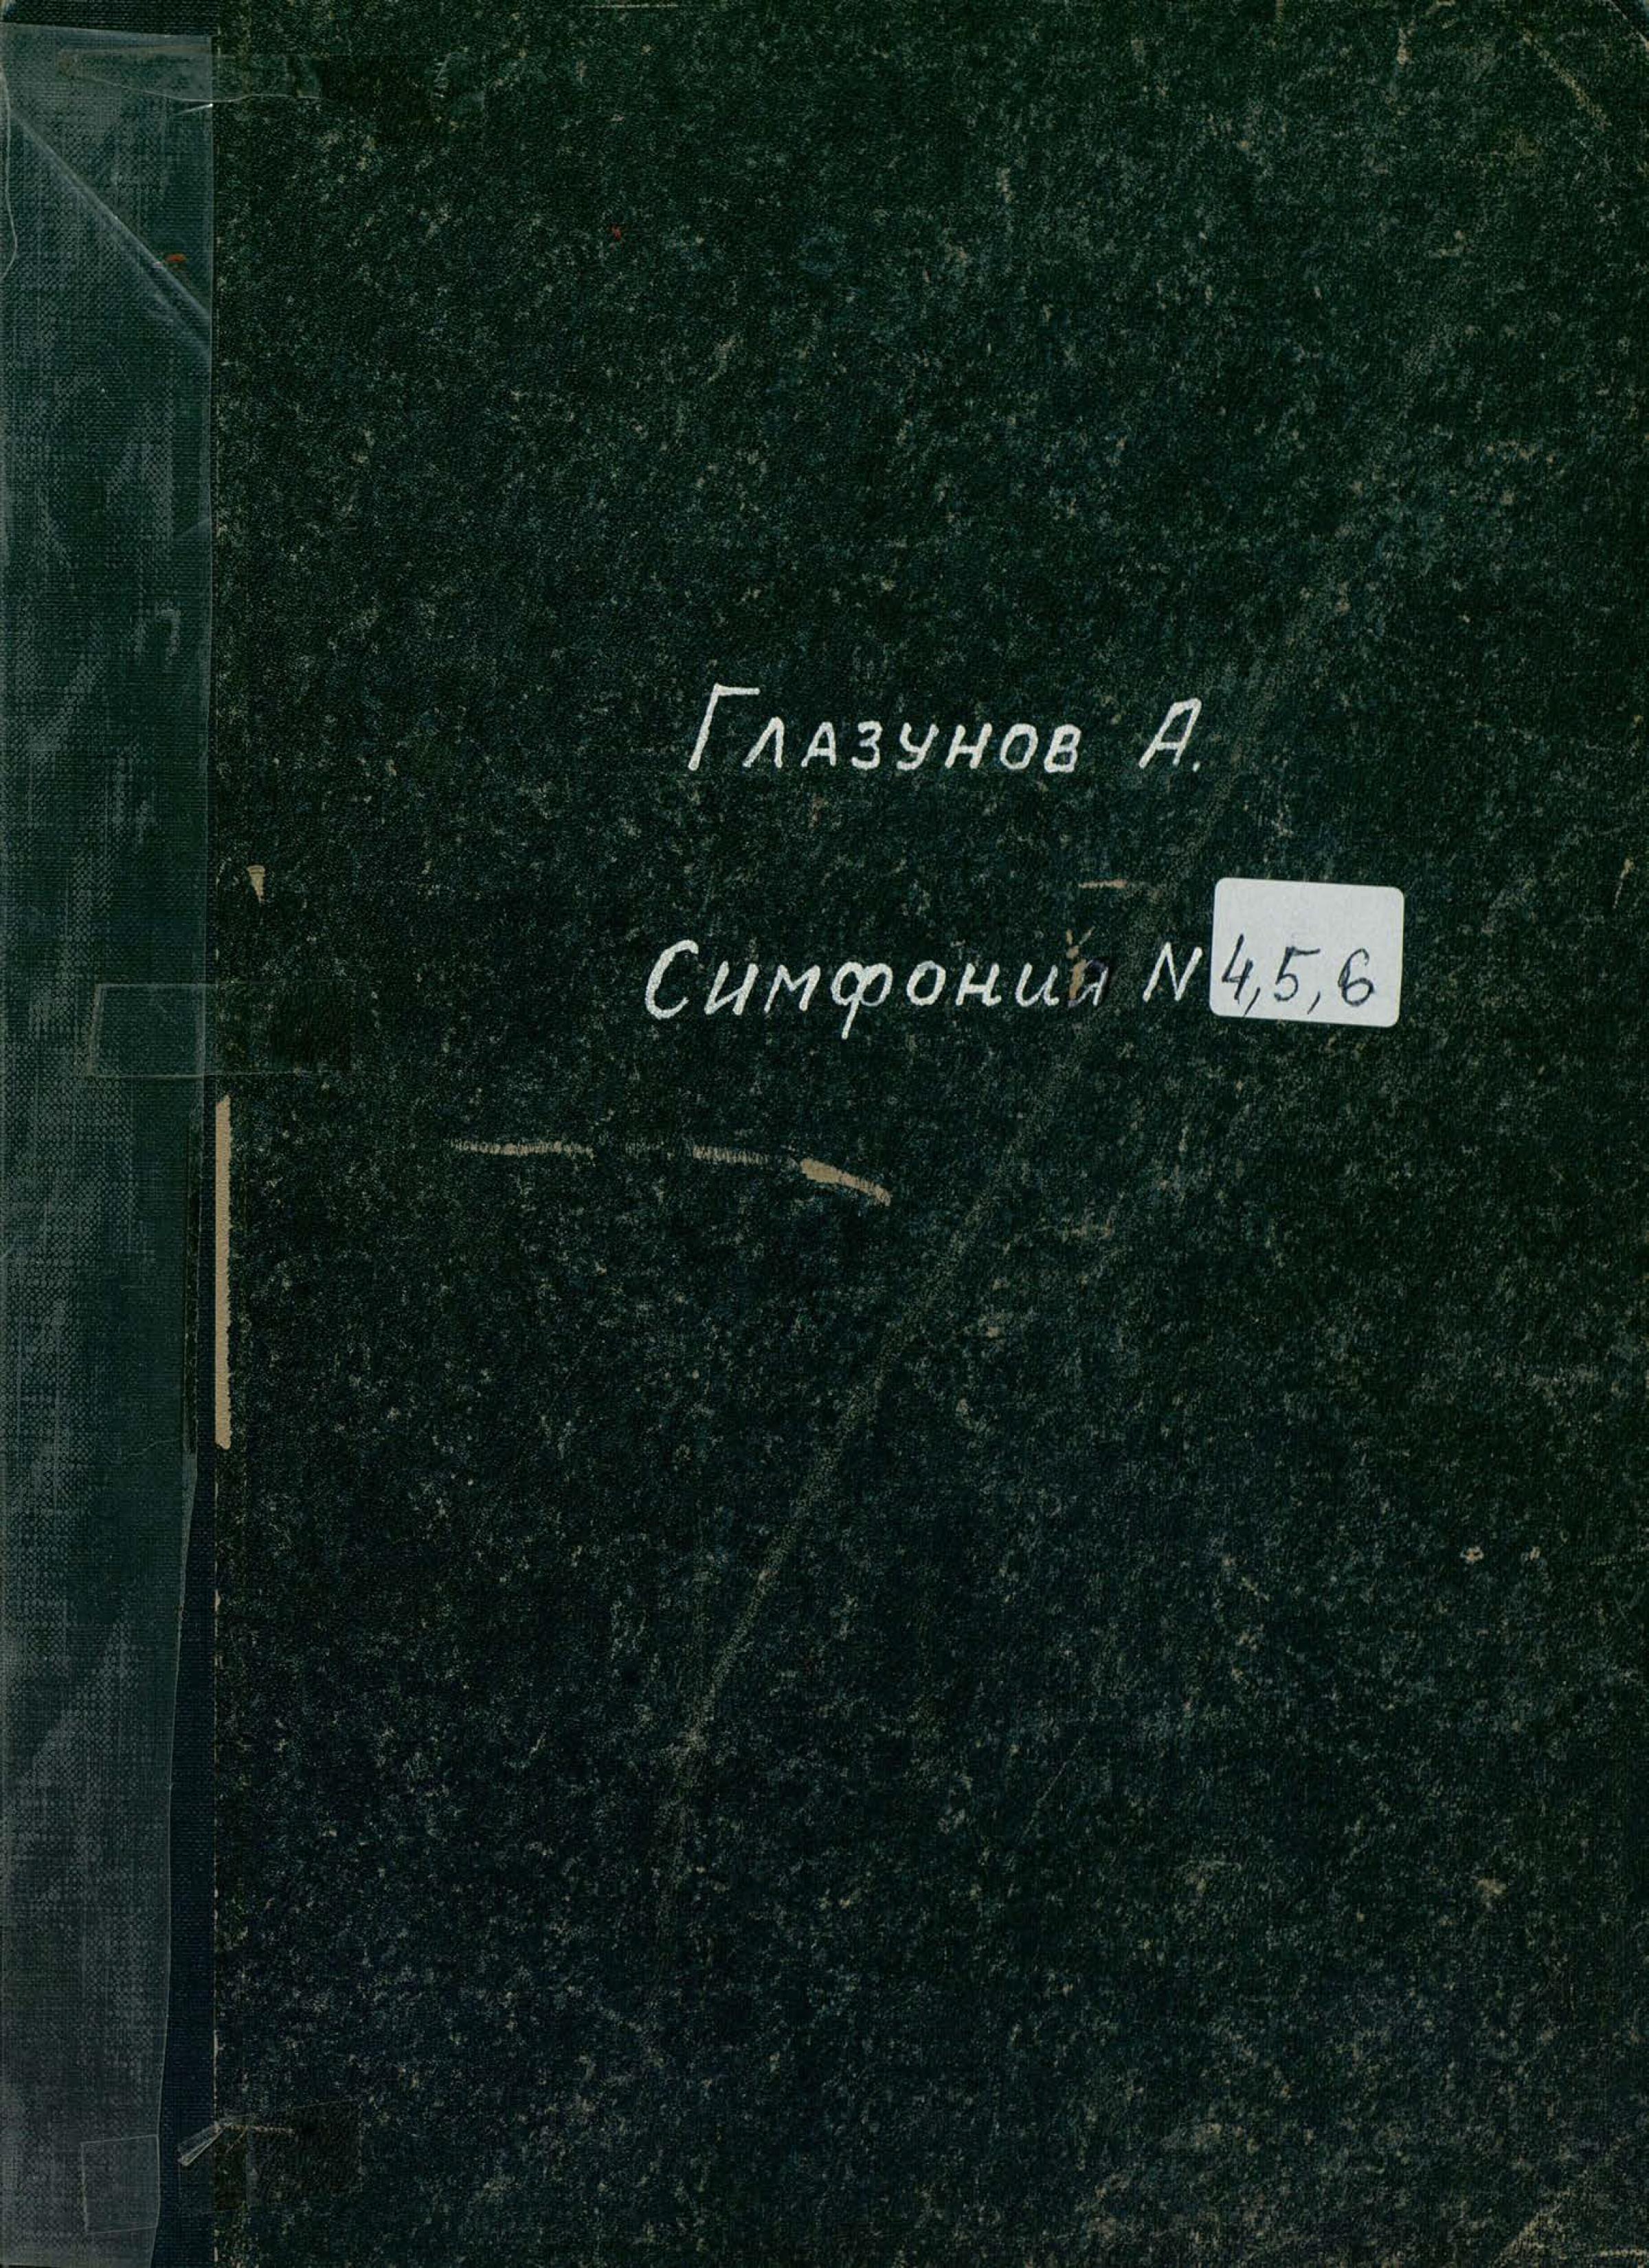 Александр Константинович Глазунов 4 симфония (Es) для большого [симфонического] оркестра все цены